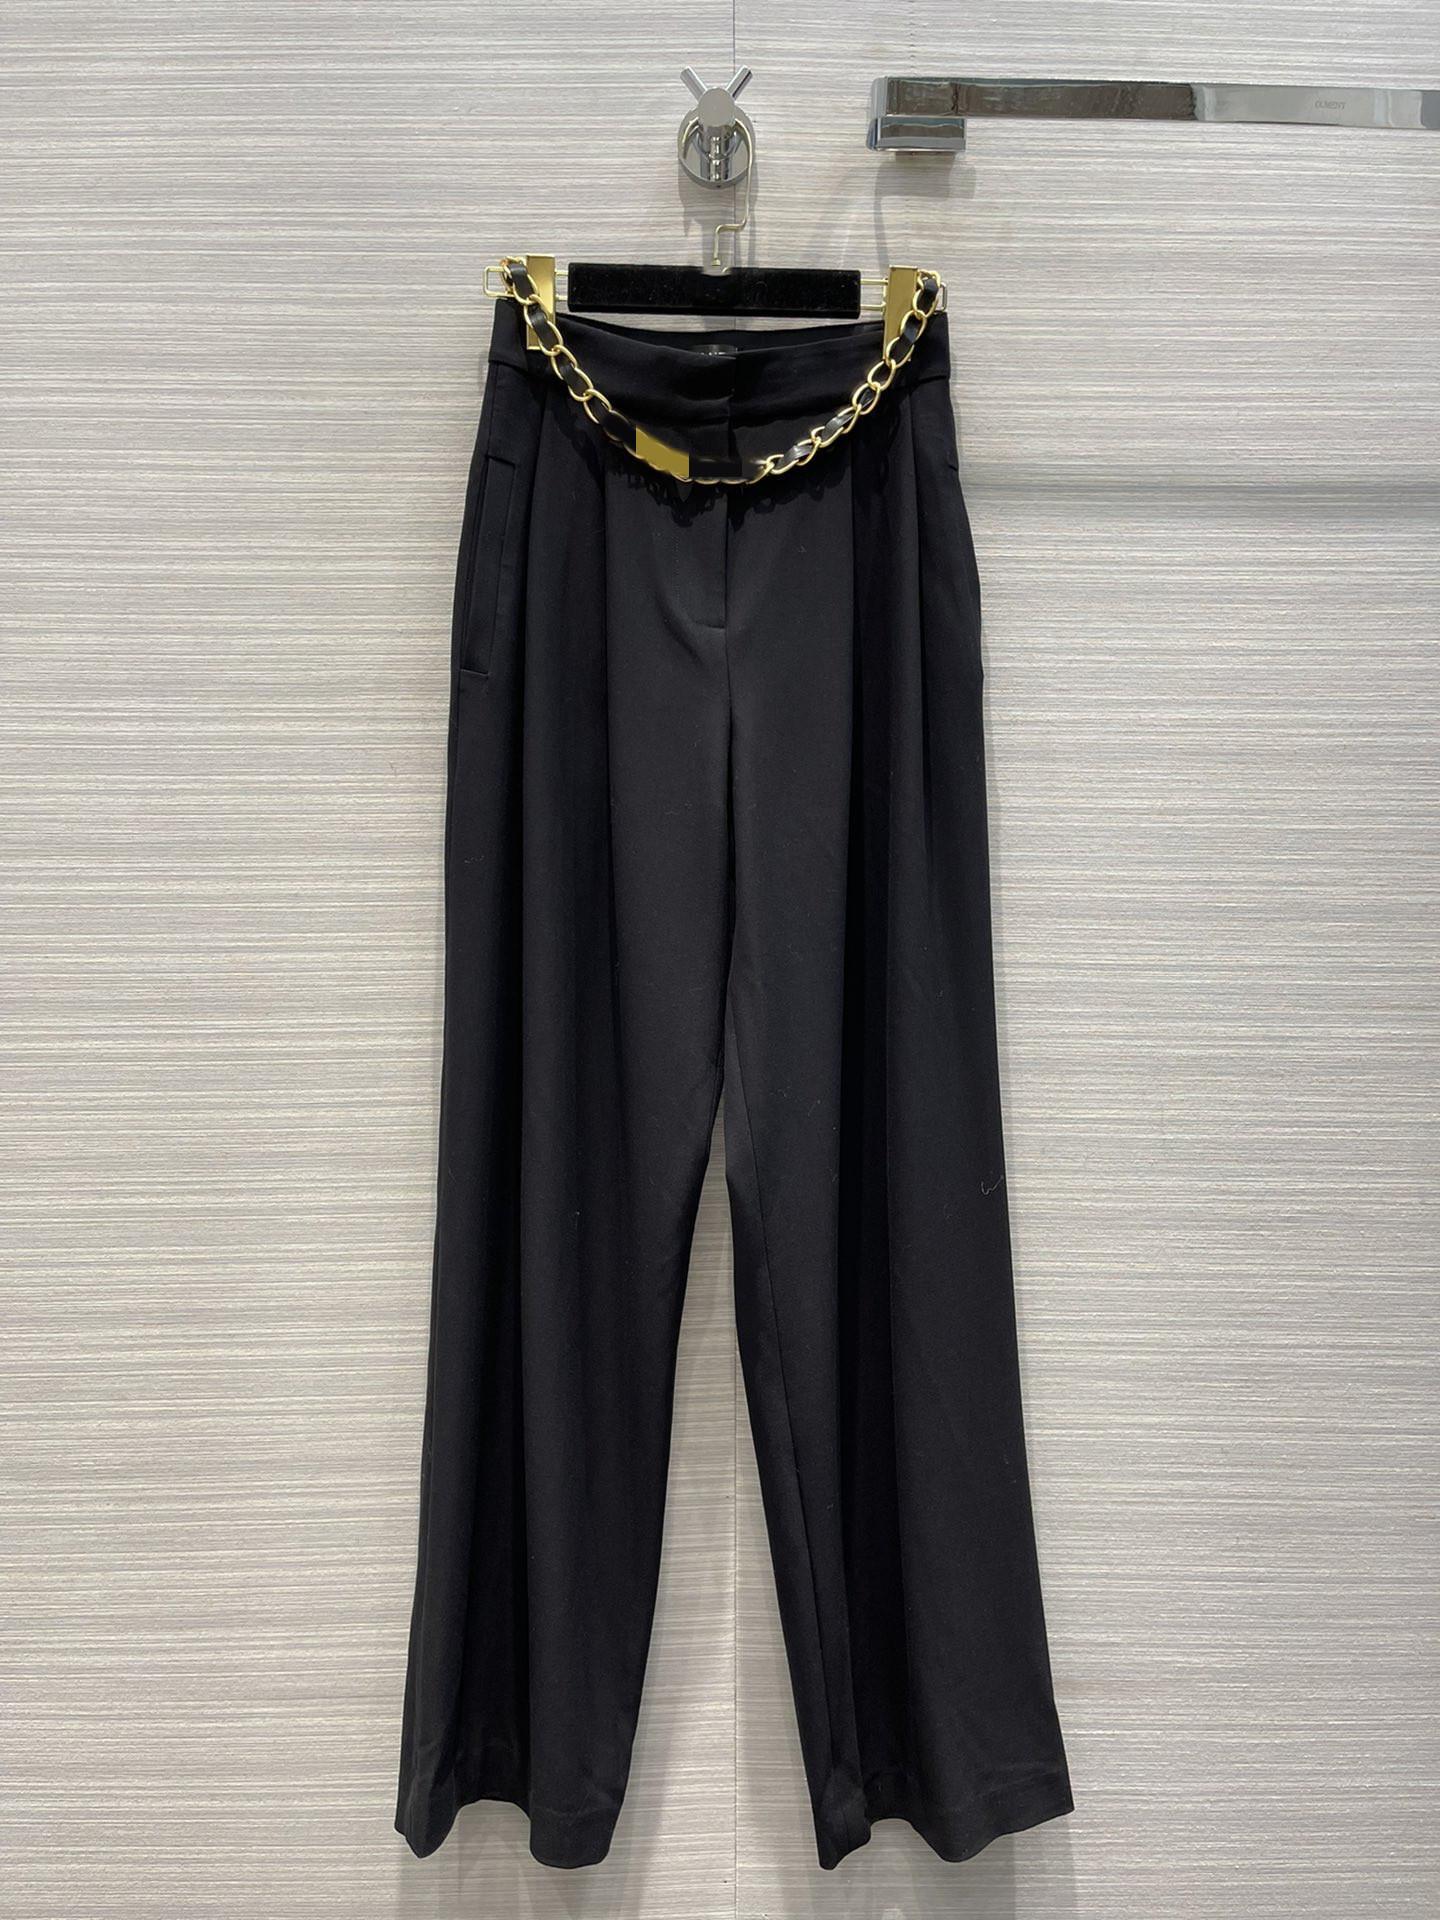 Milan Pist Pantolon 2021 Sonbahar Düz Baskı Moda Tasarımcısı Pantolon Marka Aynı Stil Pantolon kadın 0822-6